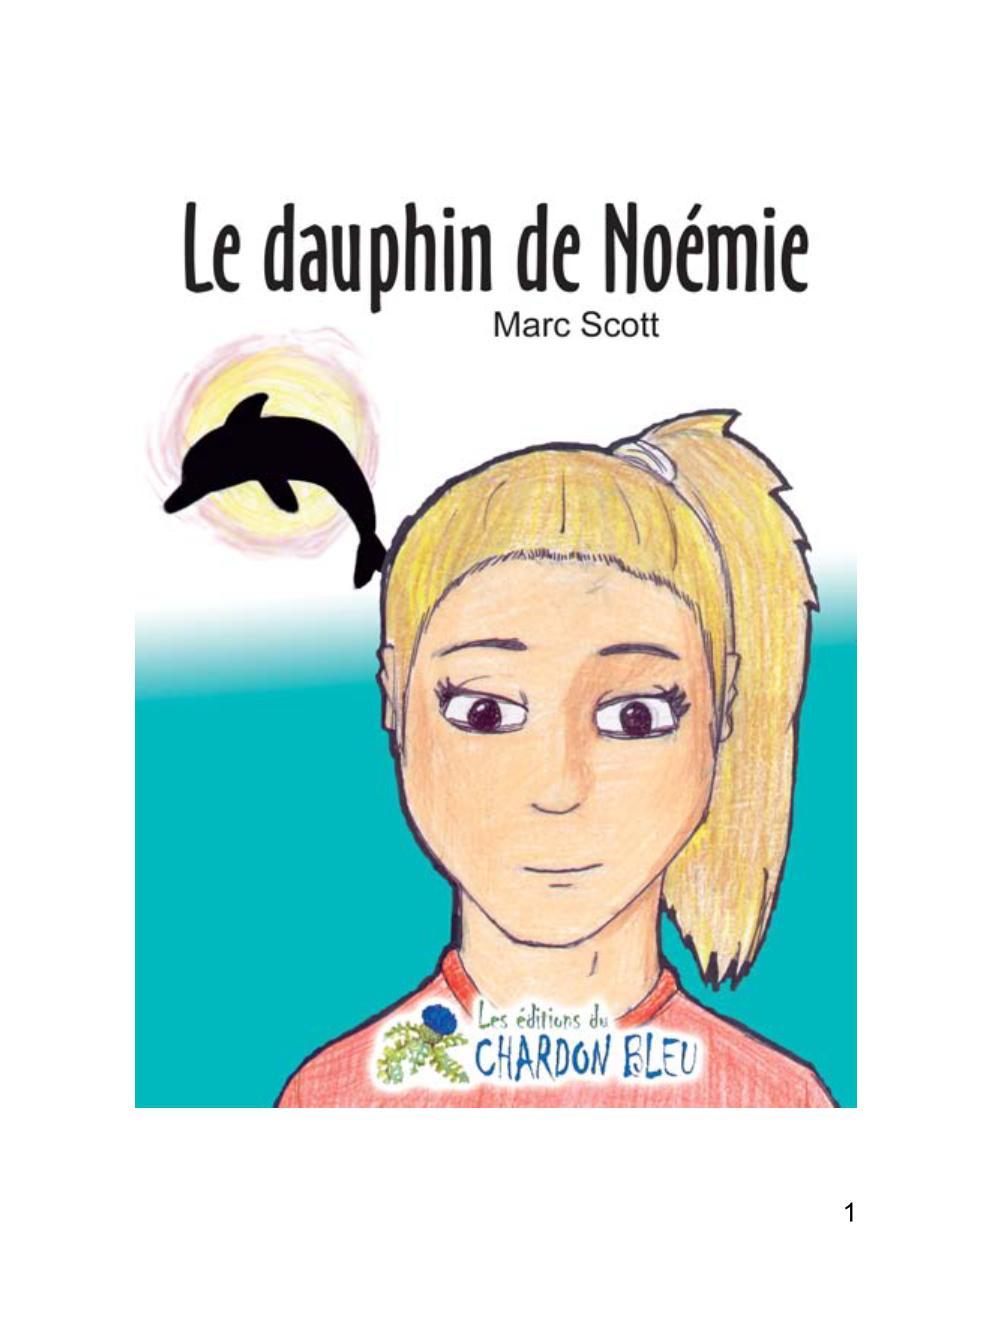 Le dauphin de Noémie